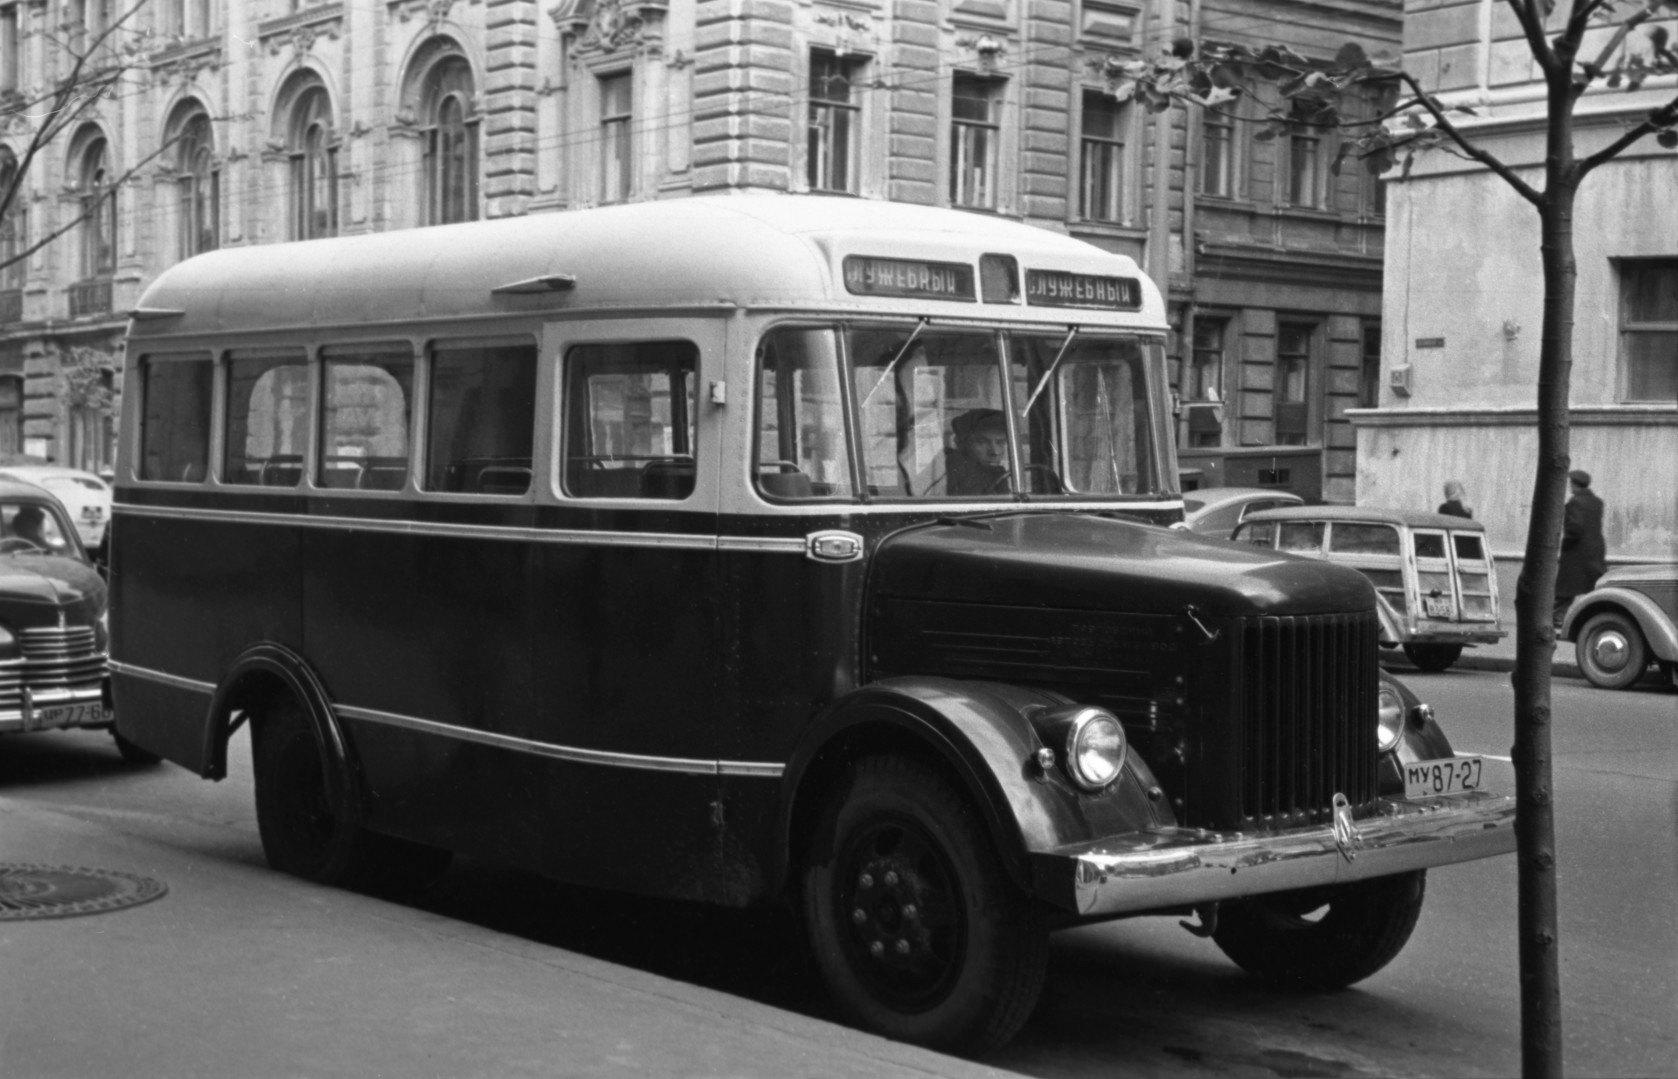 864657 Автобус ГЗА-651 на Неглинной улице